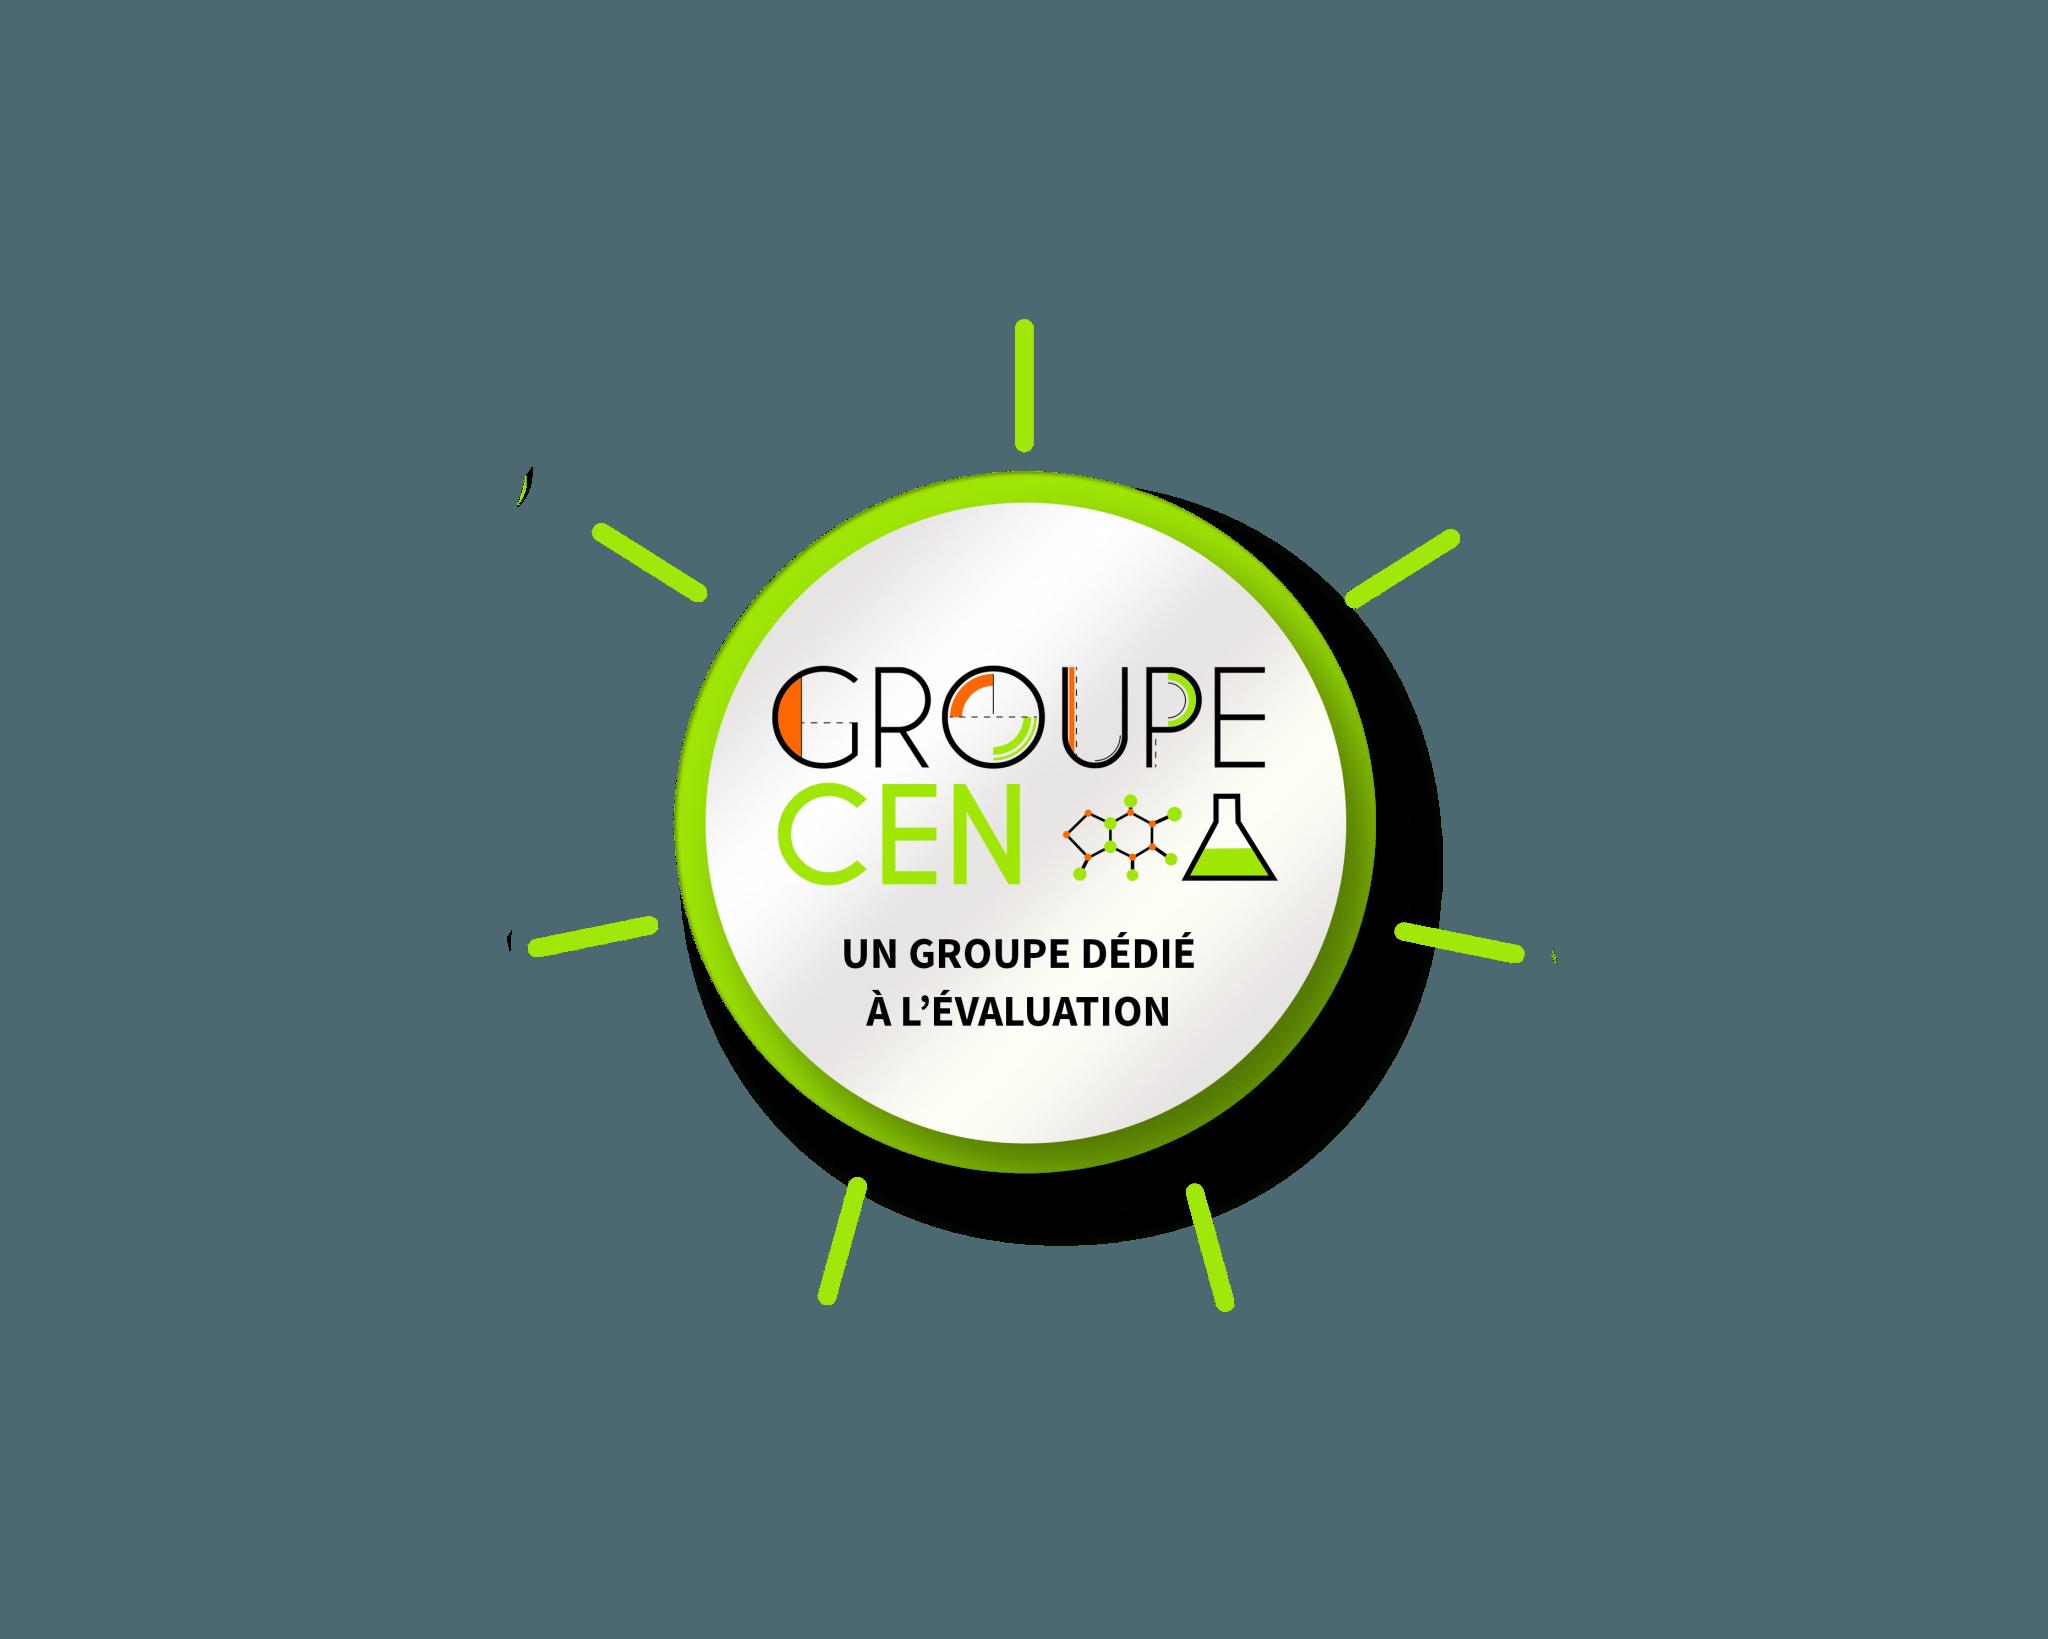 Groupe Cen - un groupe dédié à l'évaluation